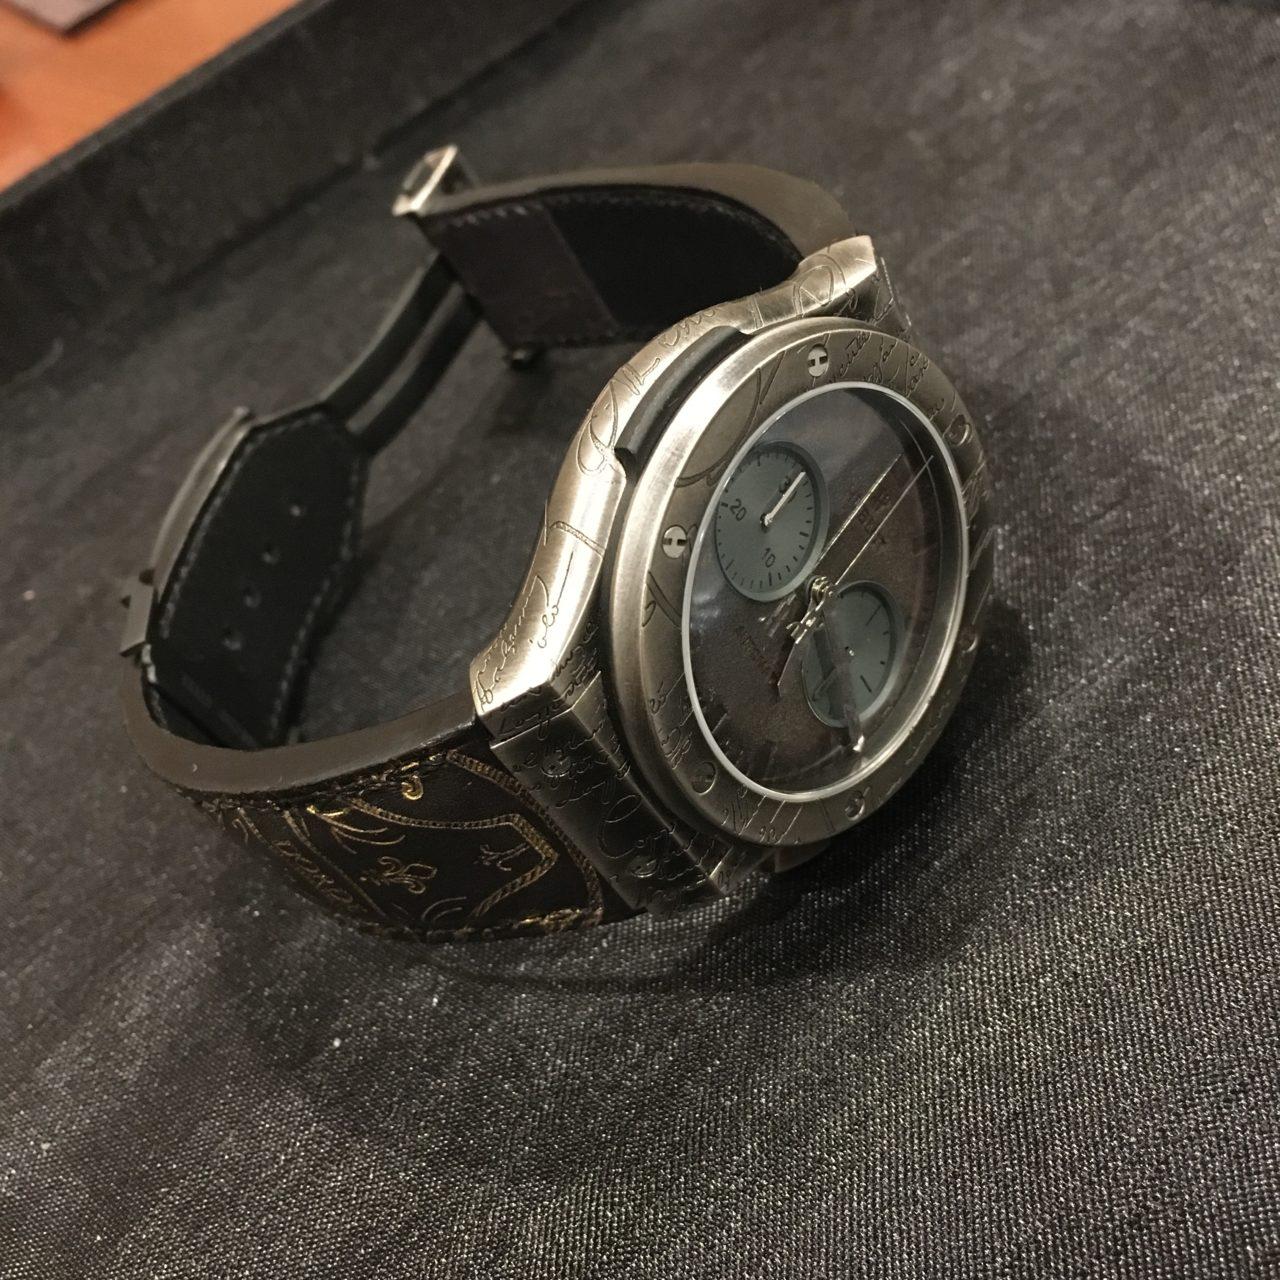 ベルルッティのベルトをリメイクしてHUBLOT(ウブロ)の時計ベルトを作成したお話